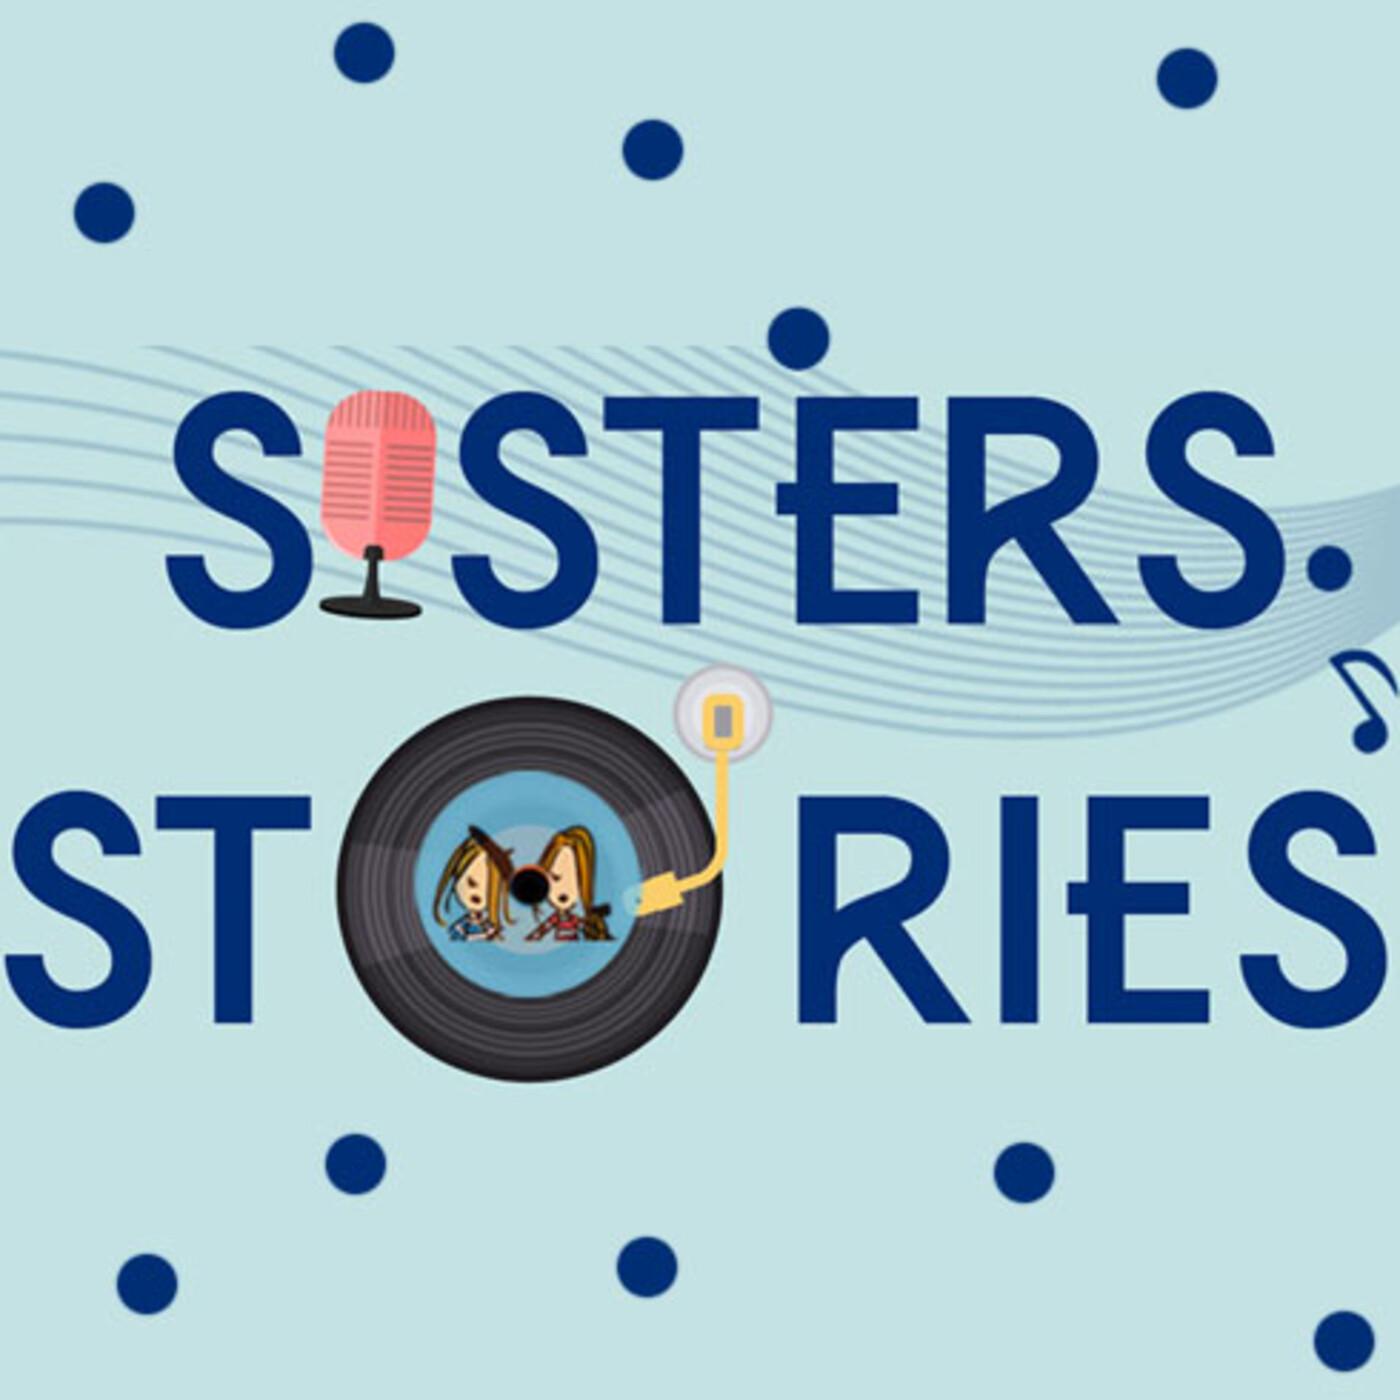 Sisters Stories: Viernes 16 de septiembre